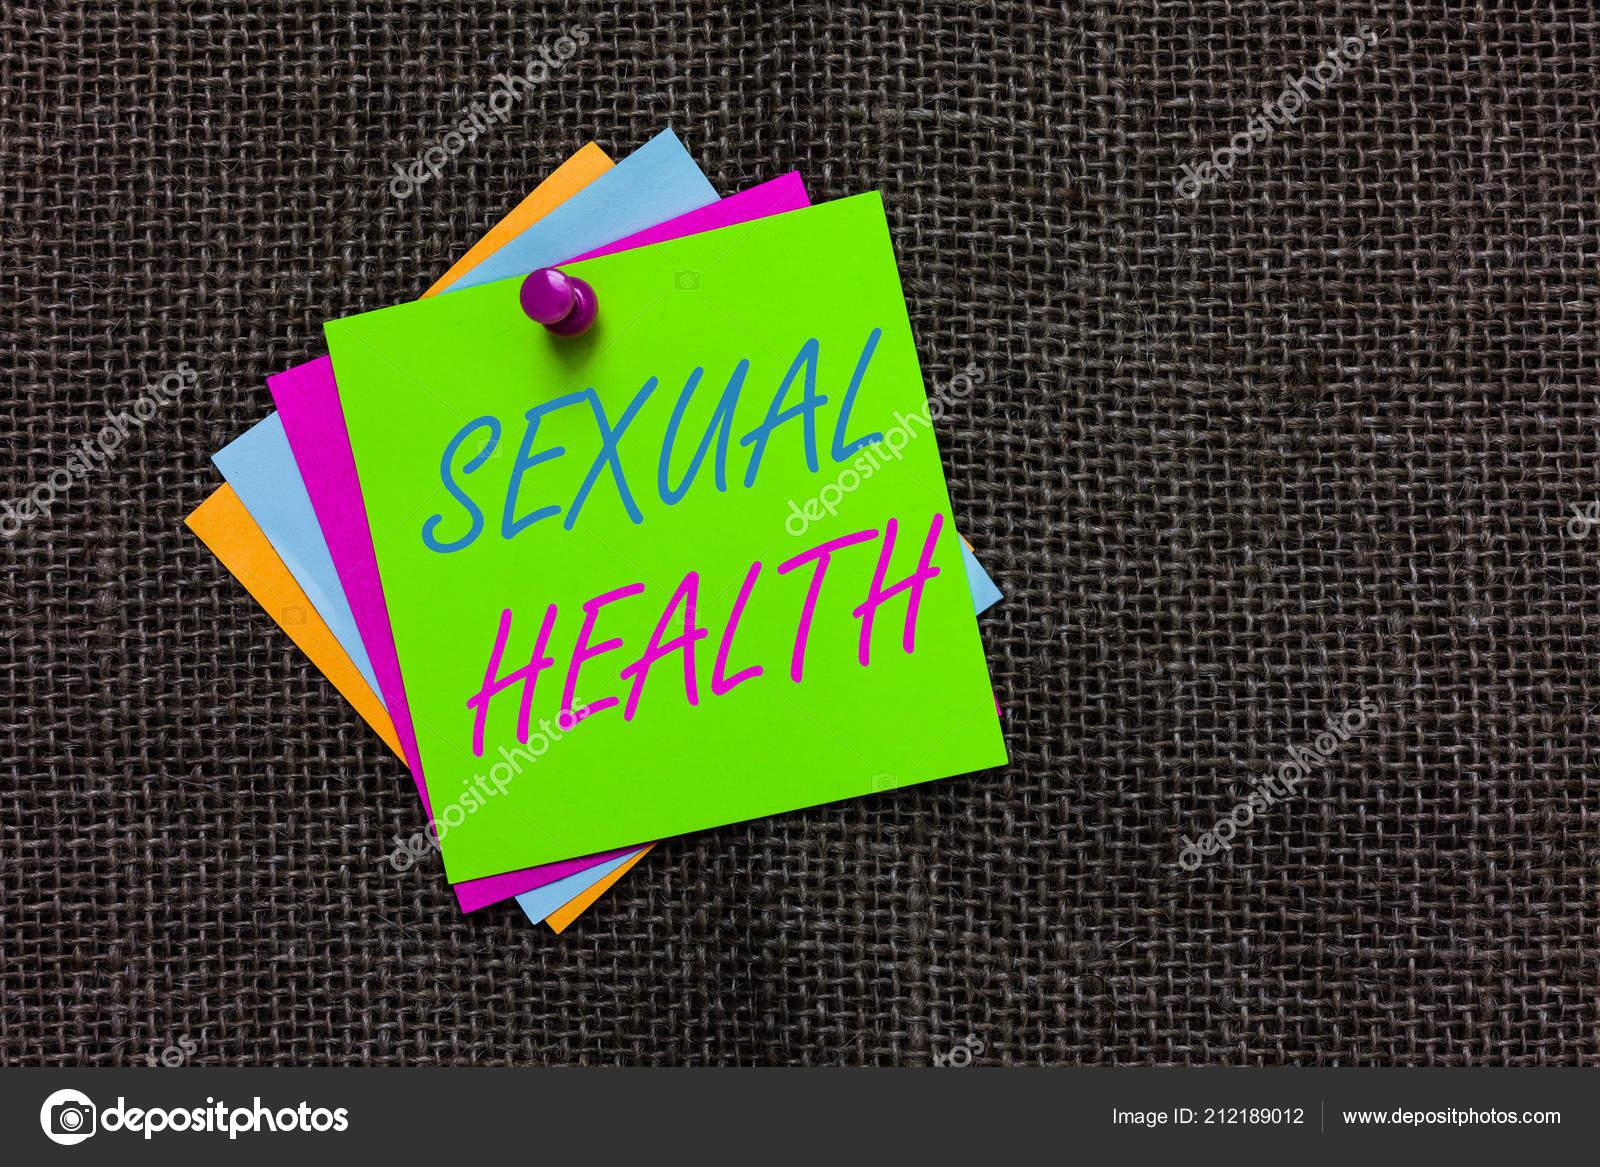 σχέσεις σεξ εφαρμογές C14 φόρμουλα χρονολόγηση άνθρακα